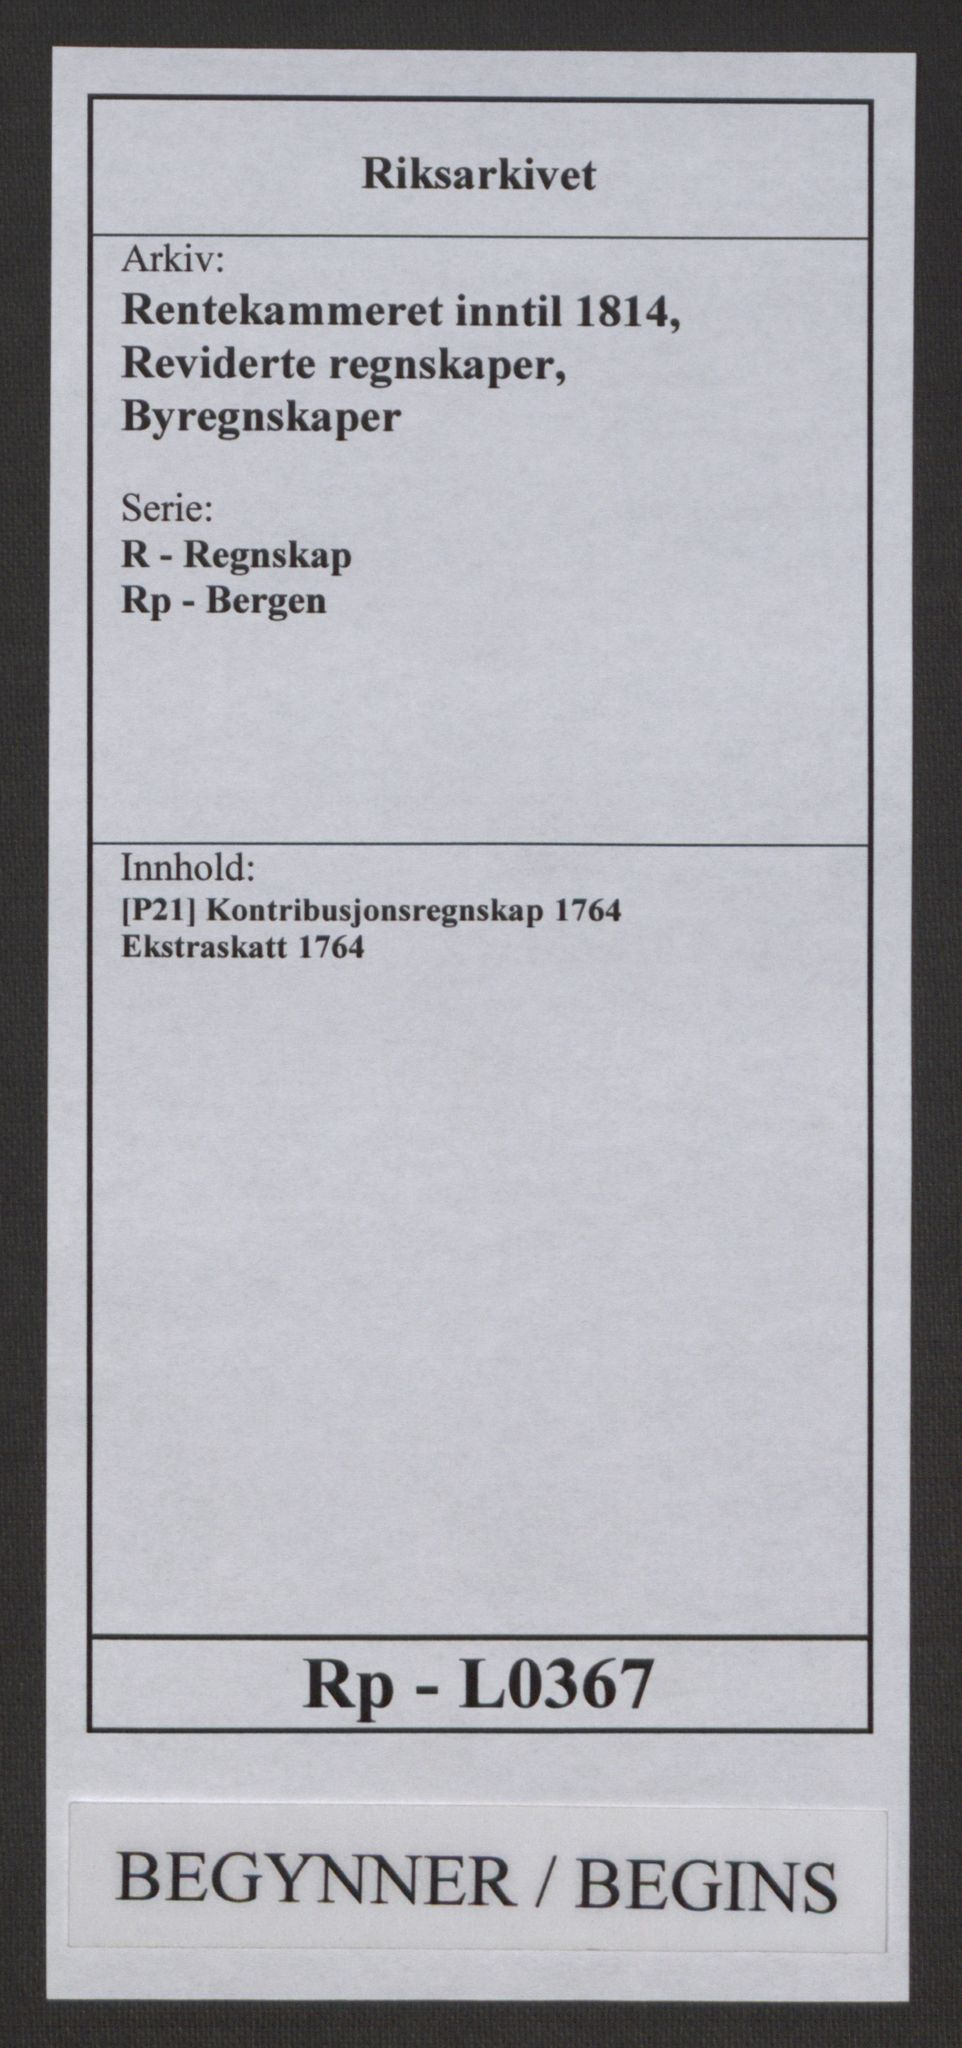 RA, Rentekammeret inntil 1814, Reviderte regnskaper, Byregnskaper, R/Rp/L0367: [P21] Kontribusjonsregnskap, 1764, s. 1